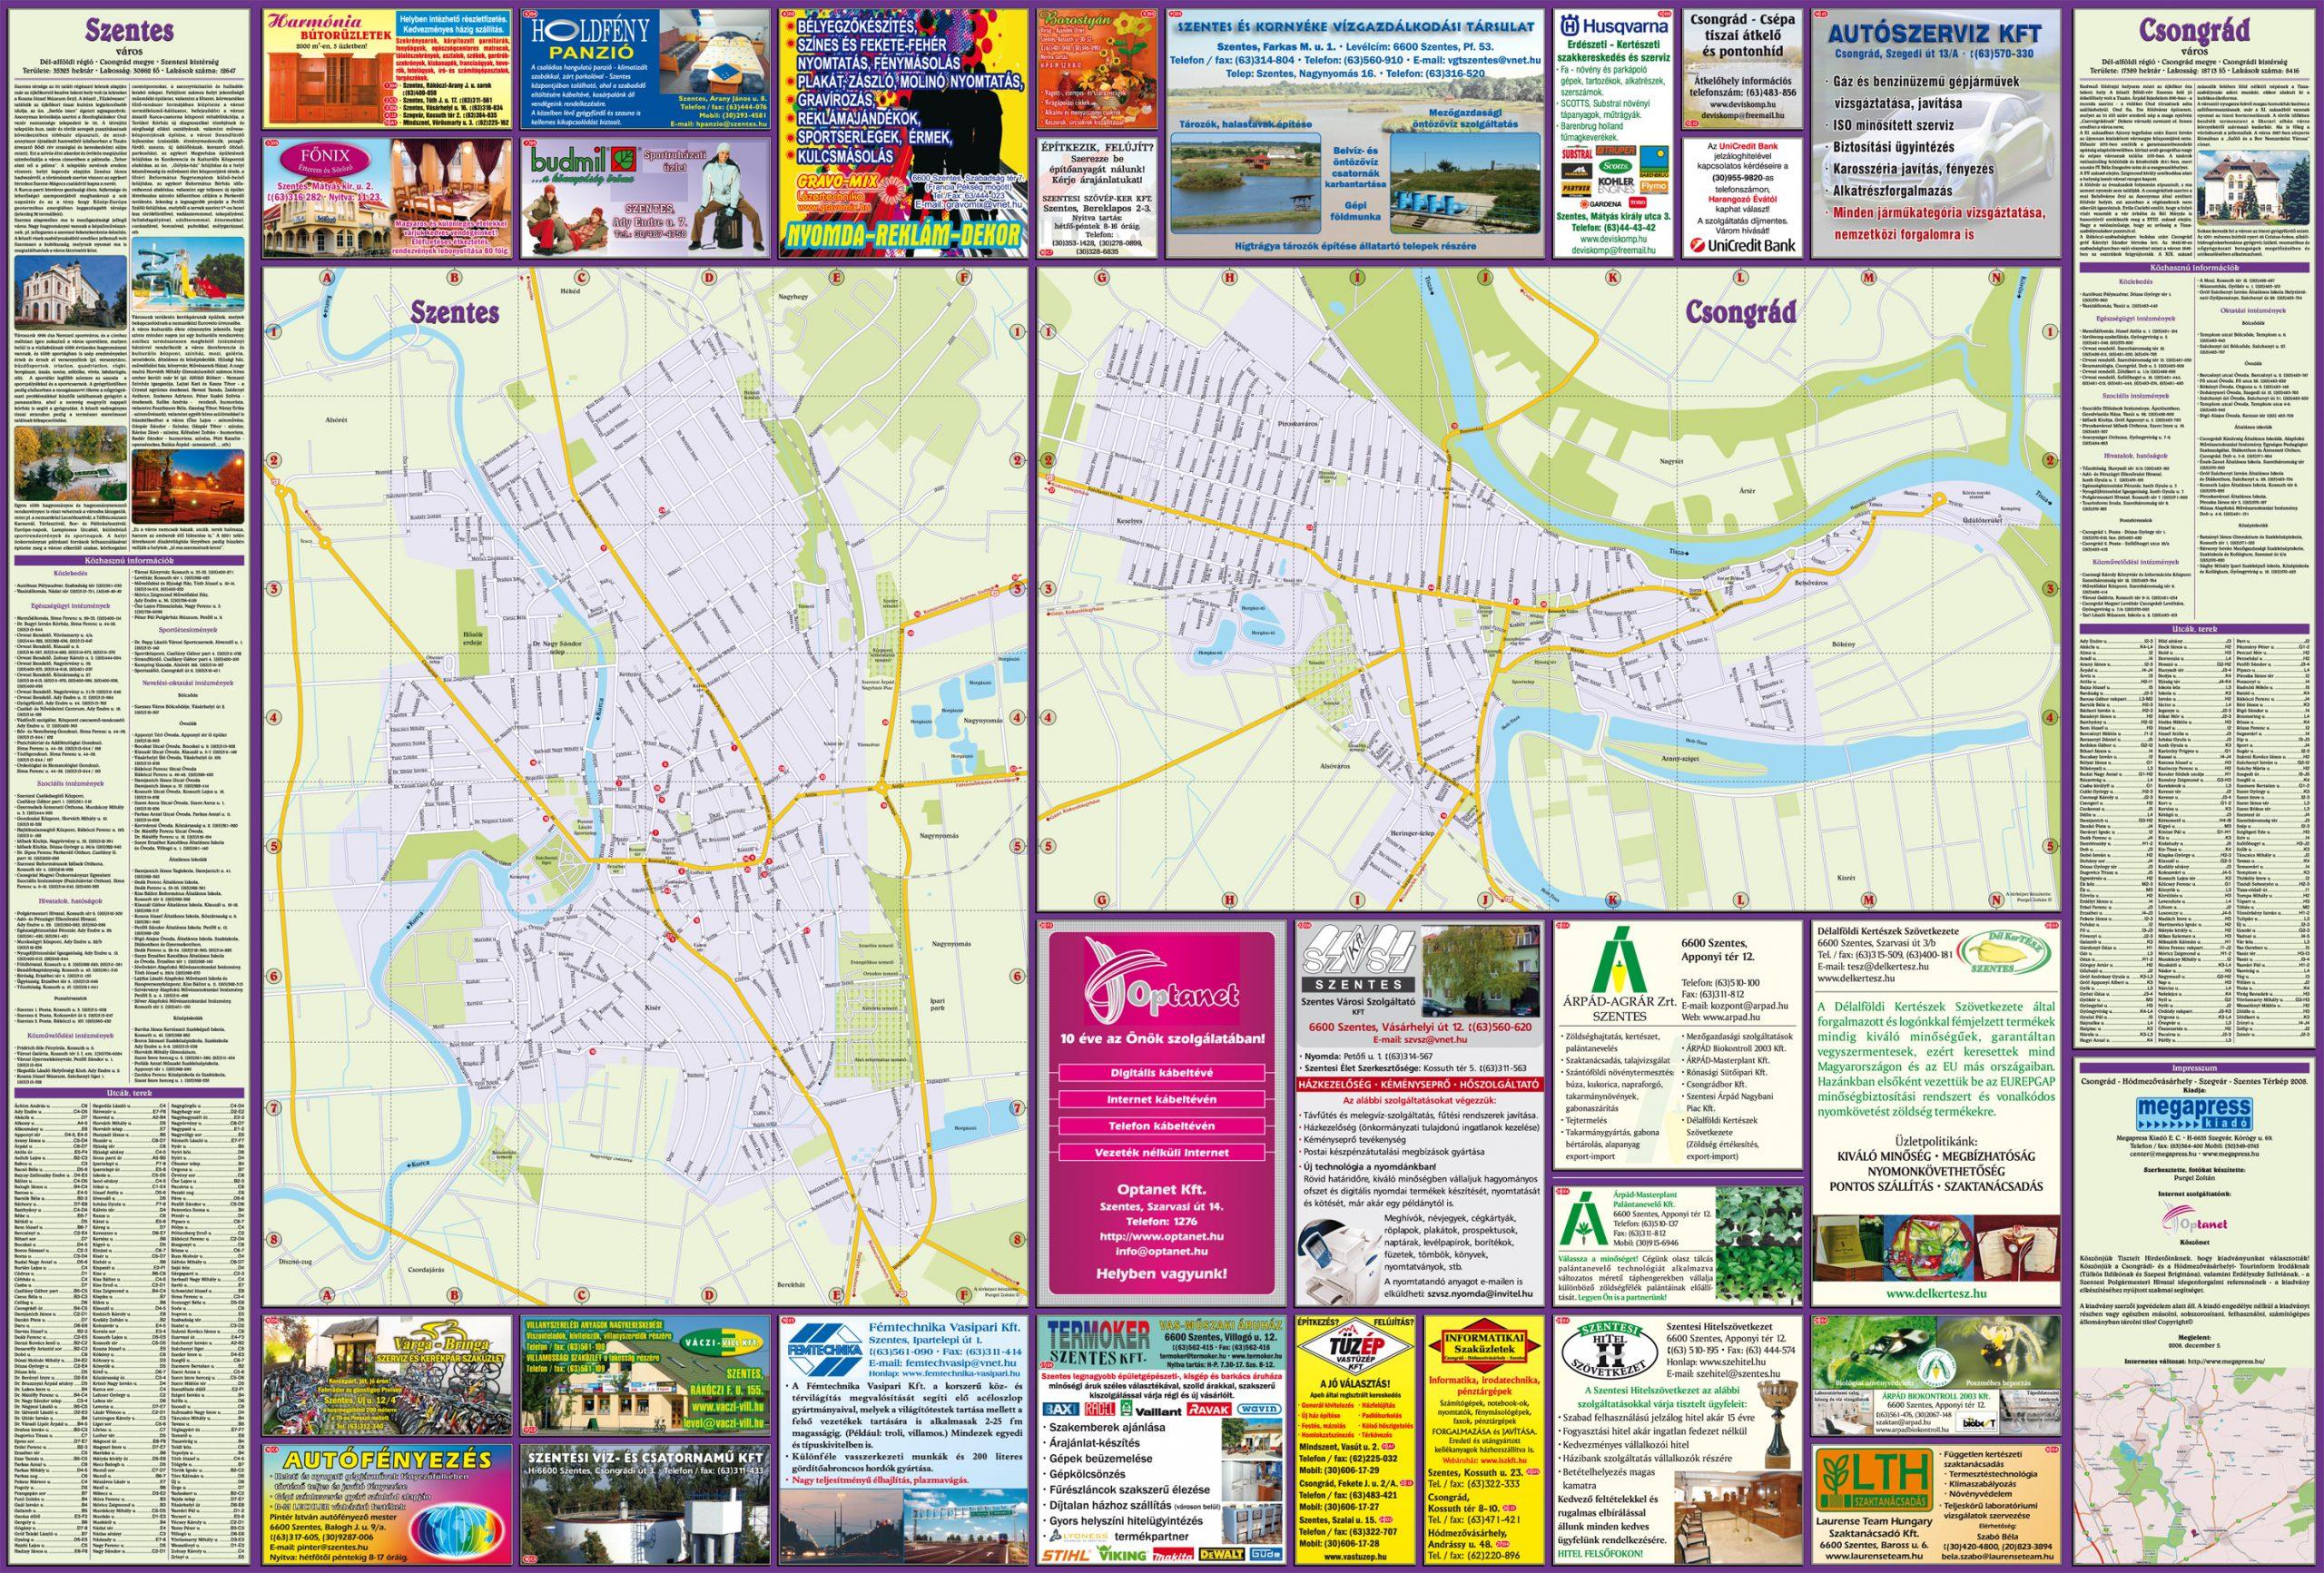 39-CsongradHodmezovasarhelySzegvarSzentesTerkepHajtogatott-2008-1.oldal